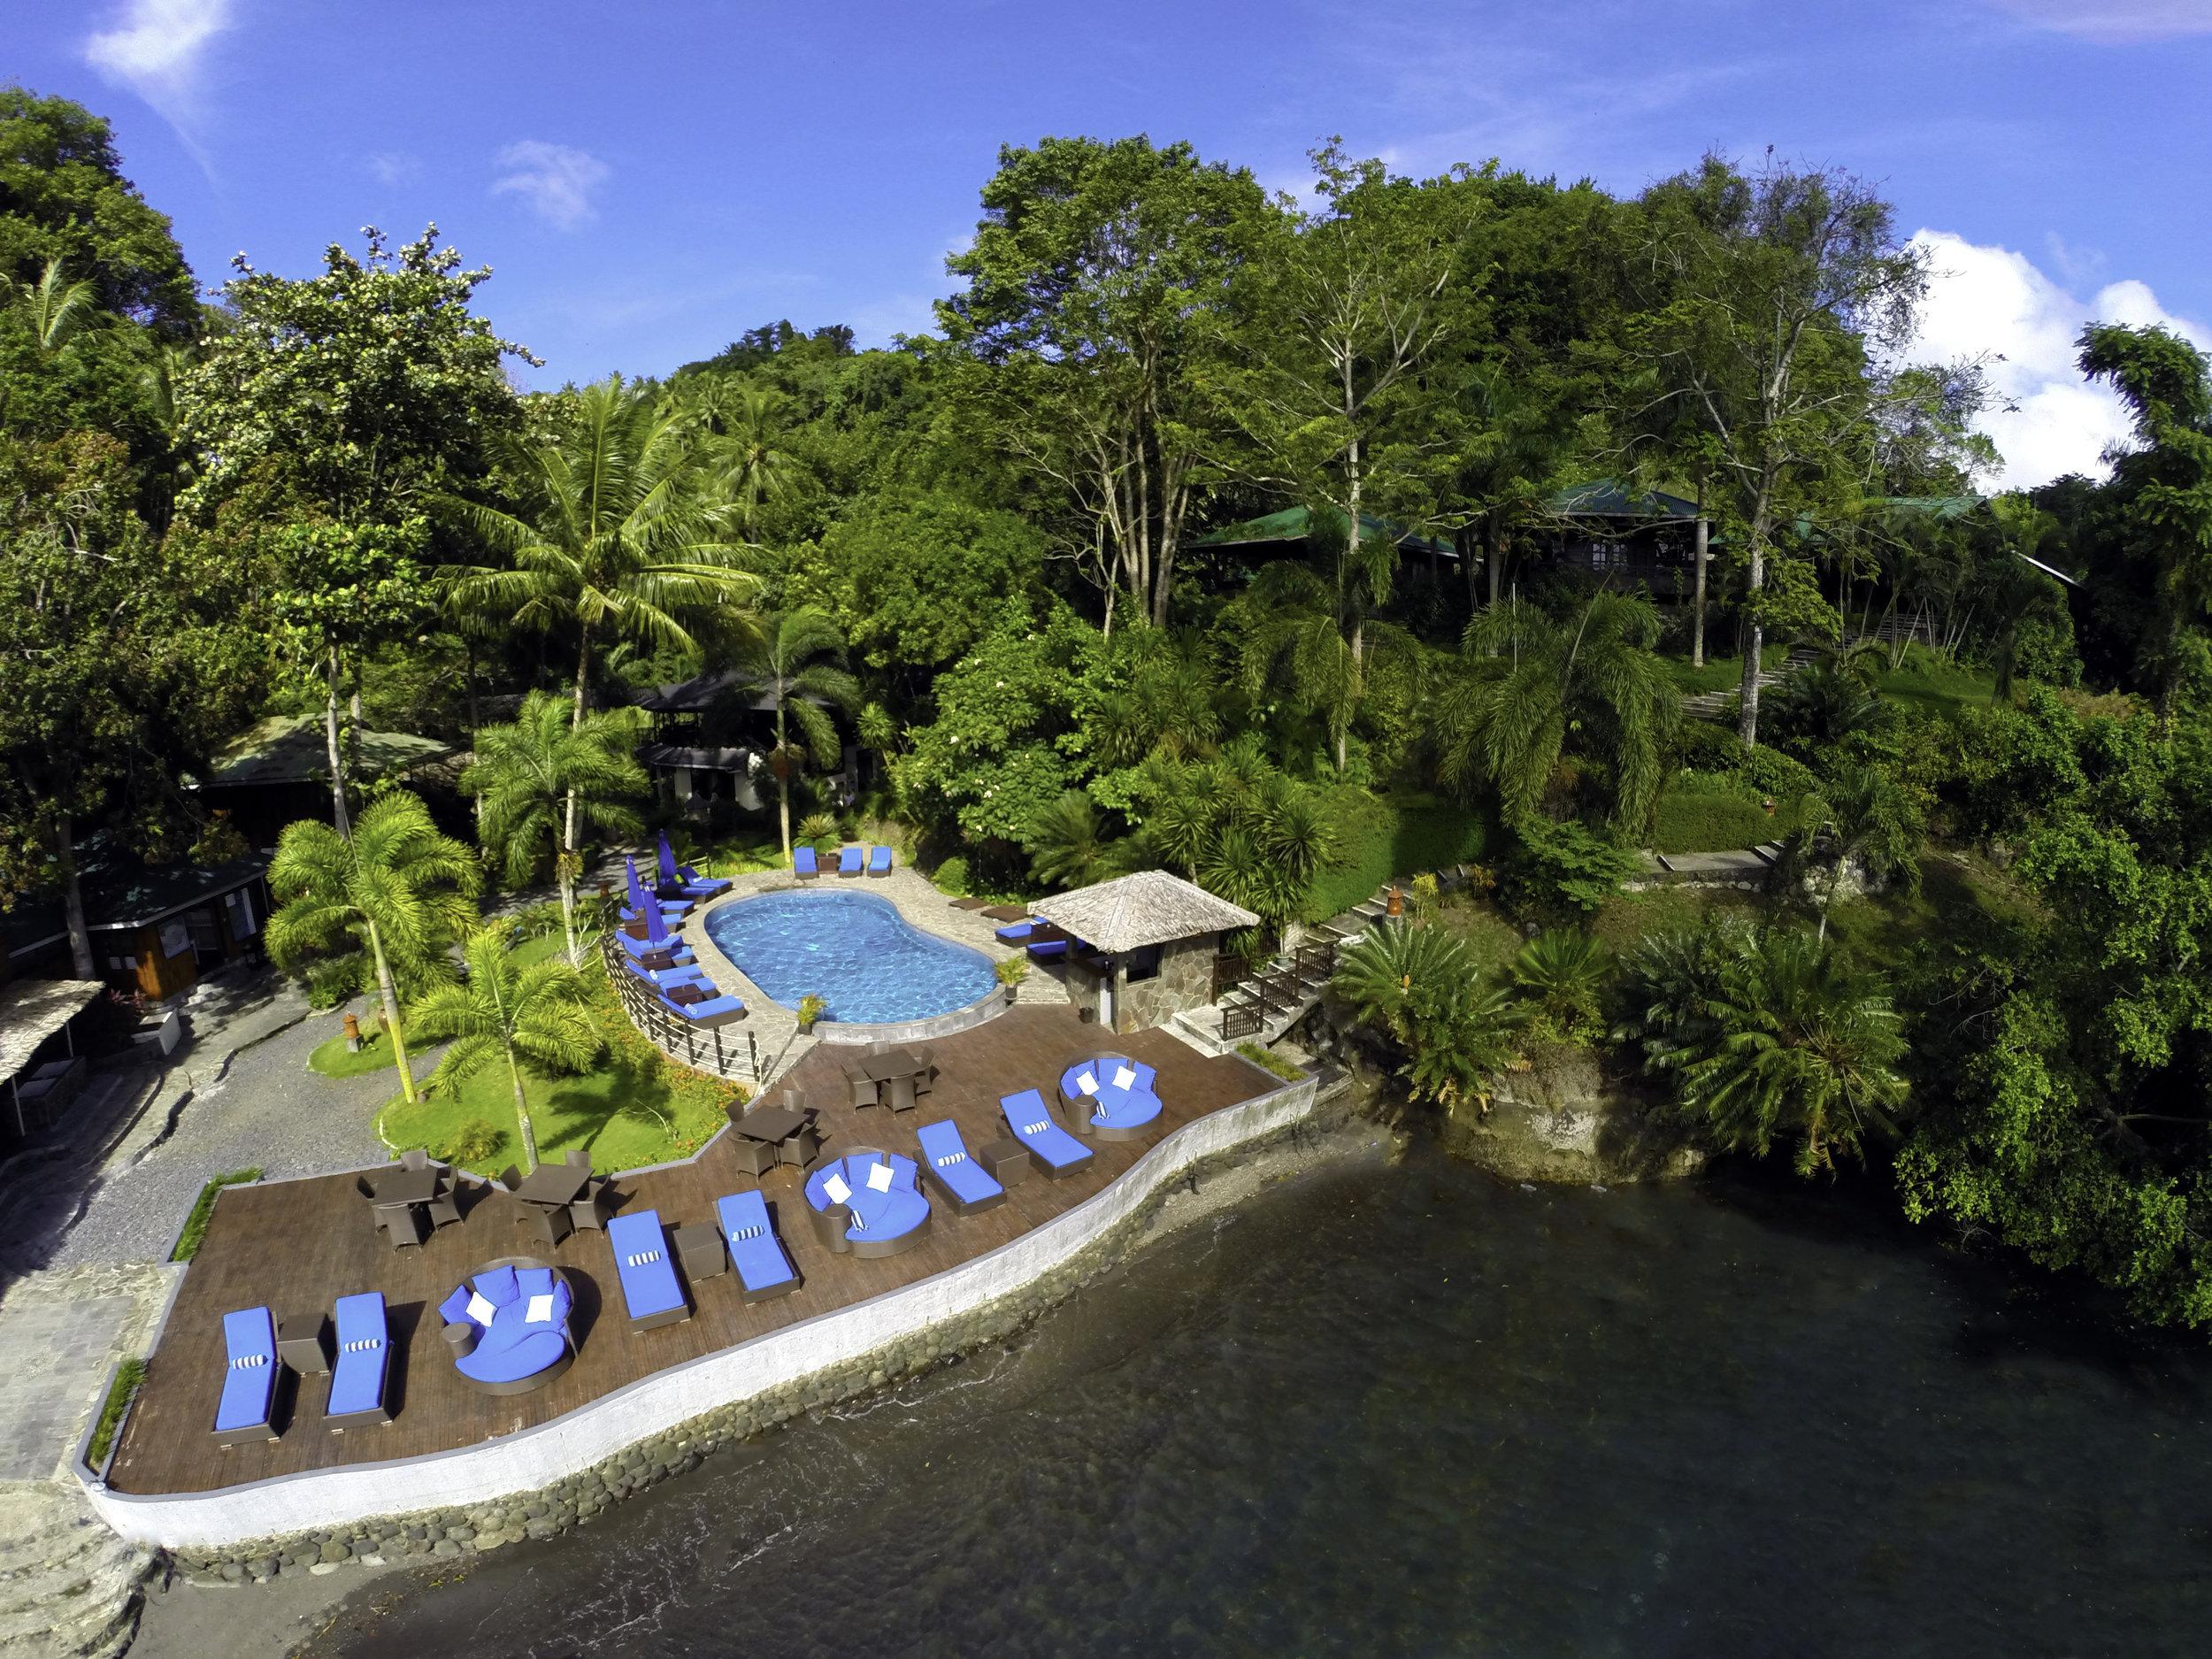 Resort central area 1.jpg